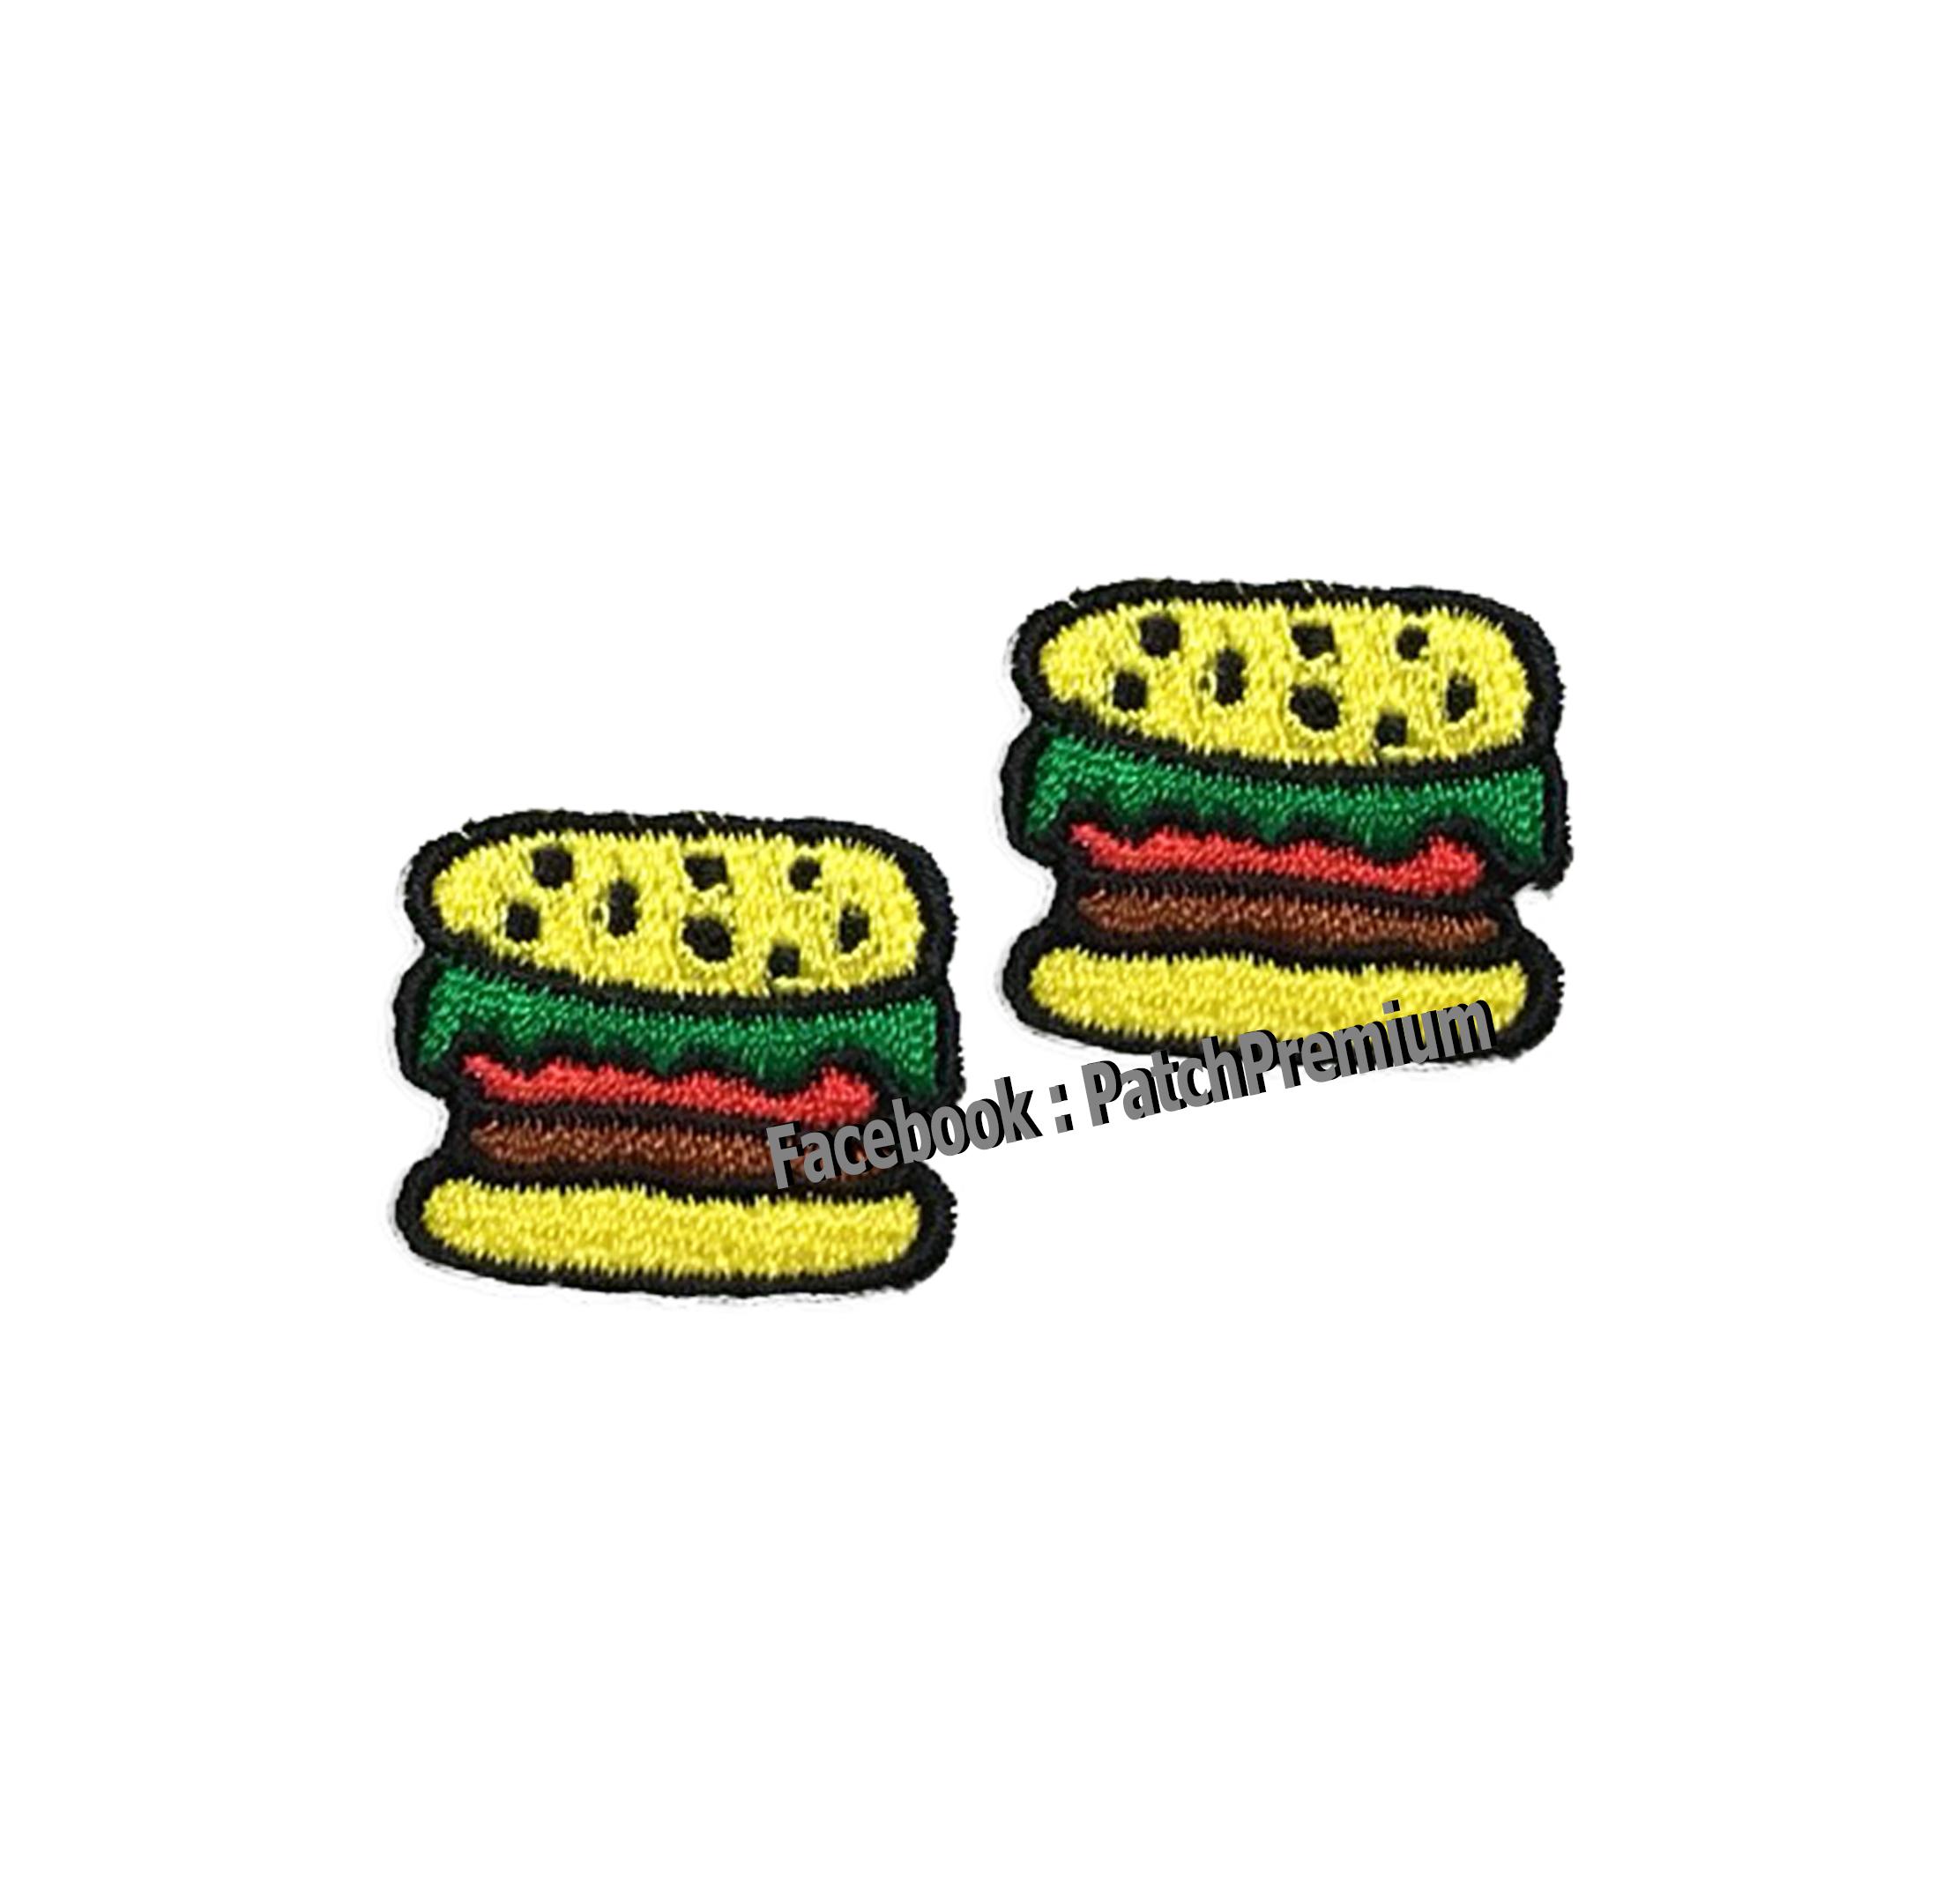 เบอร์เกอร์ แฮมเบอร์เกอร์ ไซส์เล็ก (ขายเป็นคู่ๆละ 35บ.) - ตัวรีด (Size S)